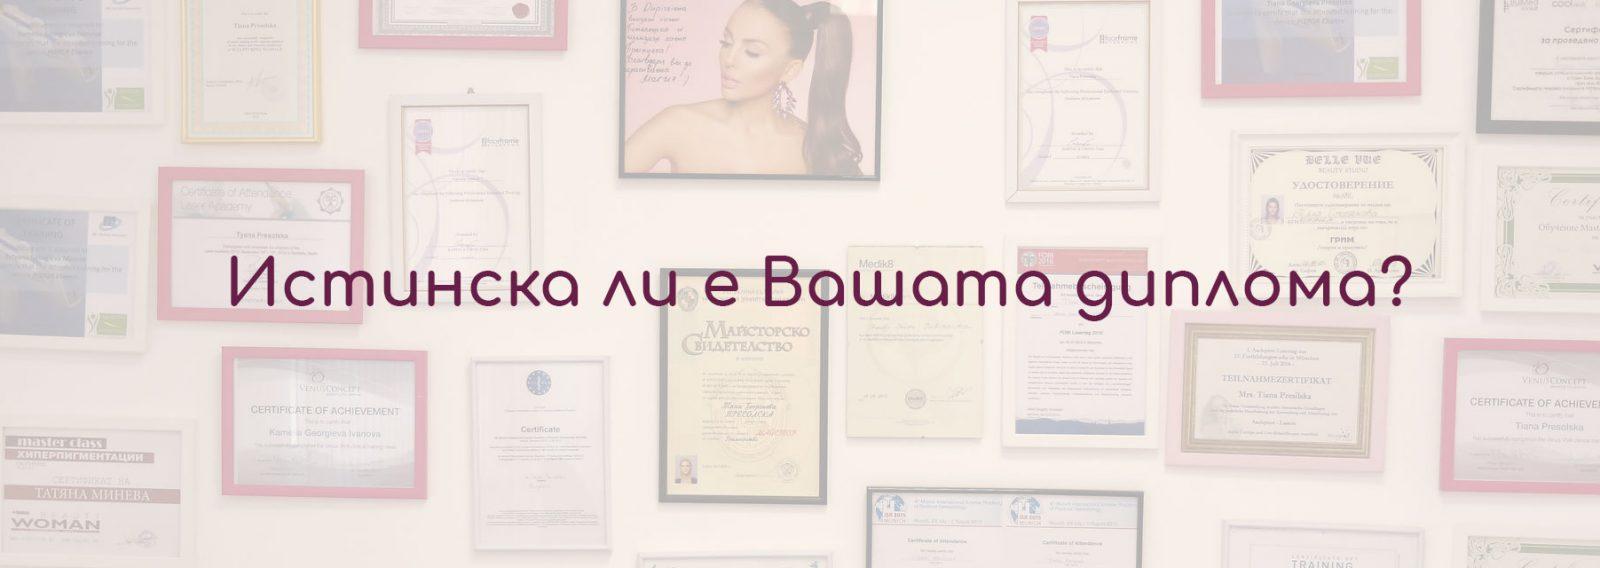 Истинска ли е Вашата диплома?